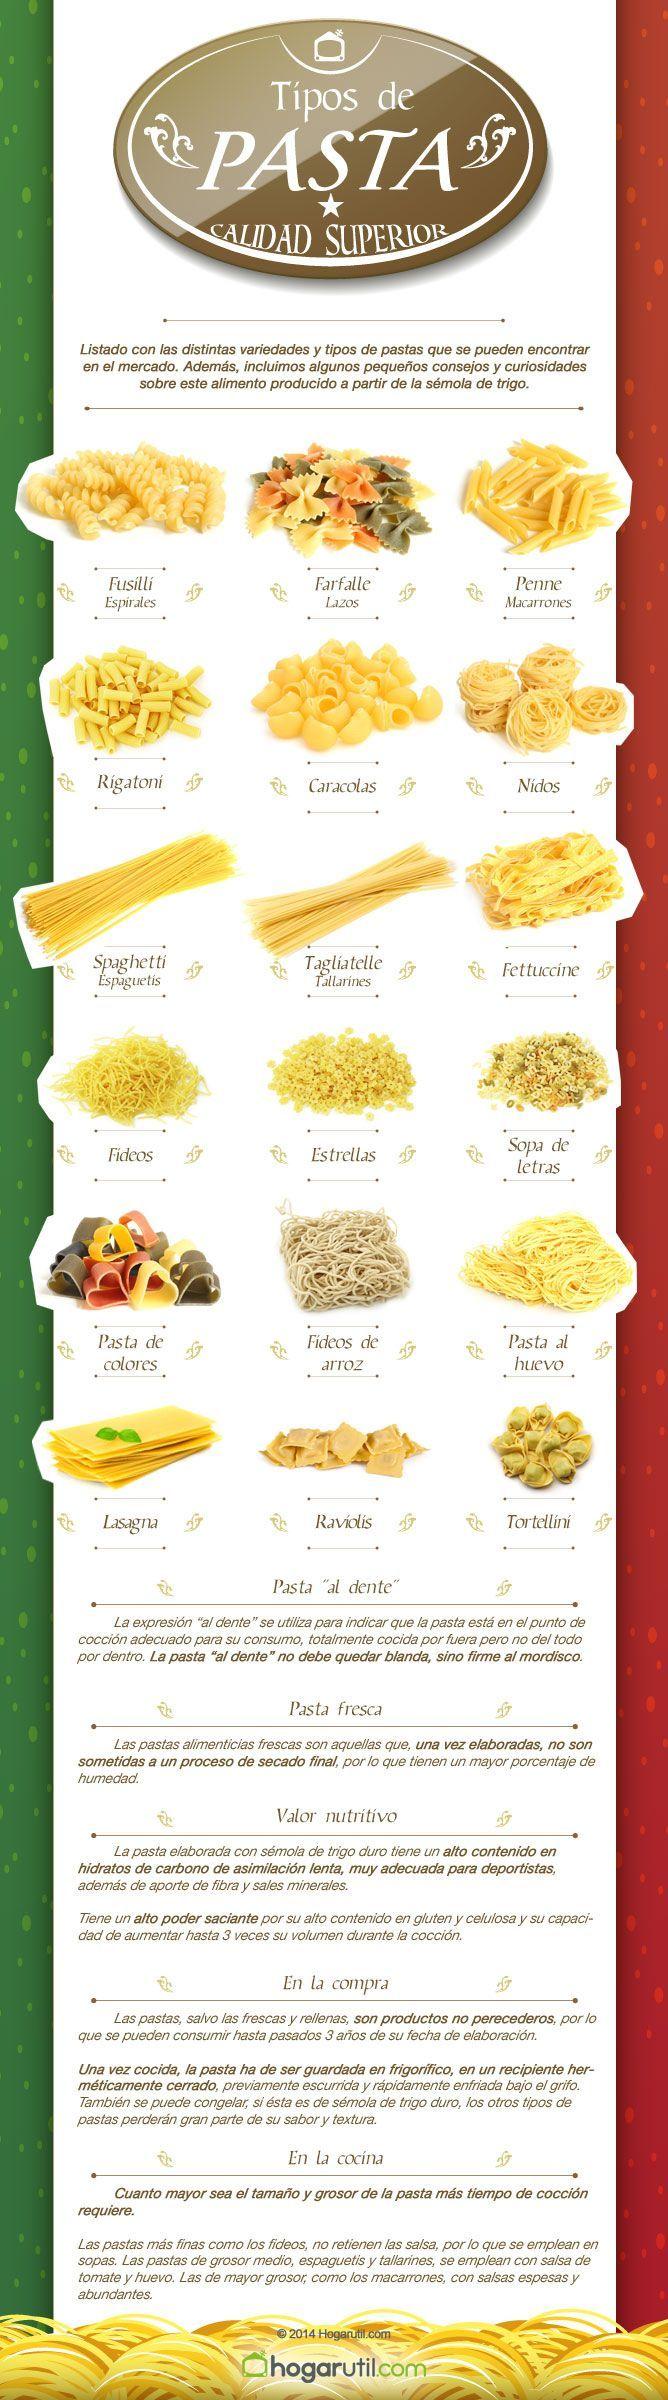 #Infografía sobre la pasta: conoce las variedades y tipos de pastas